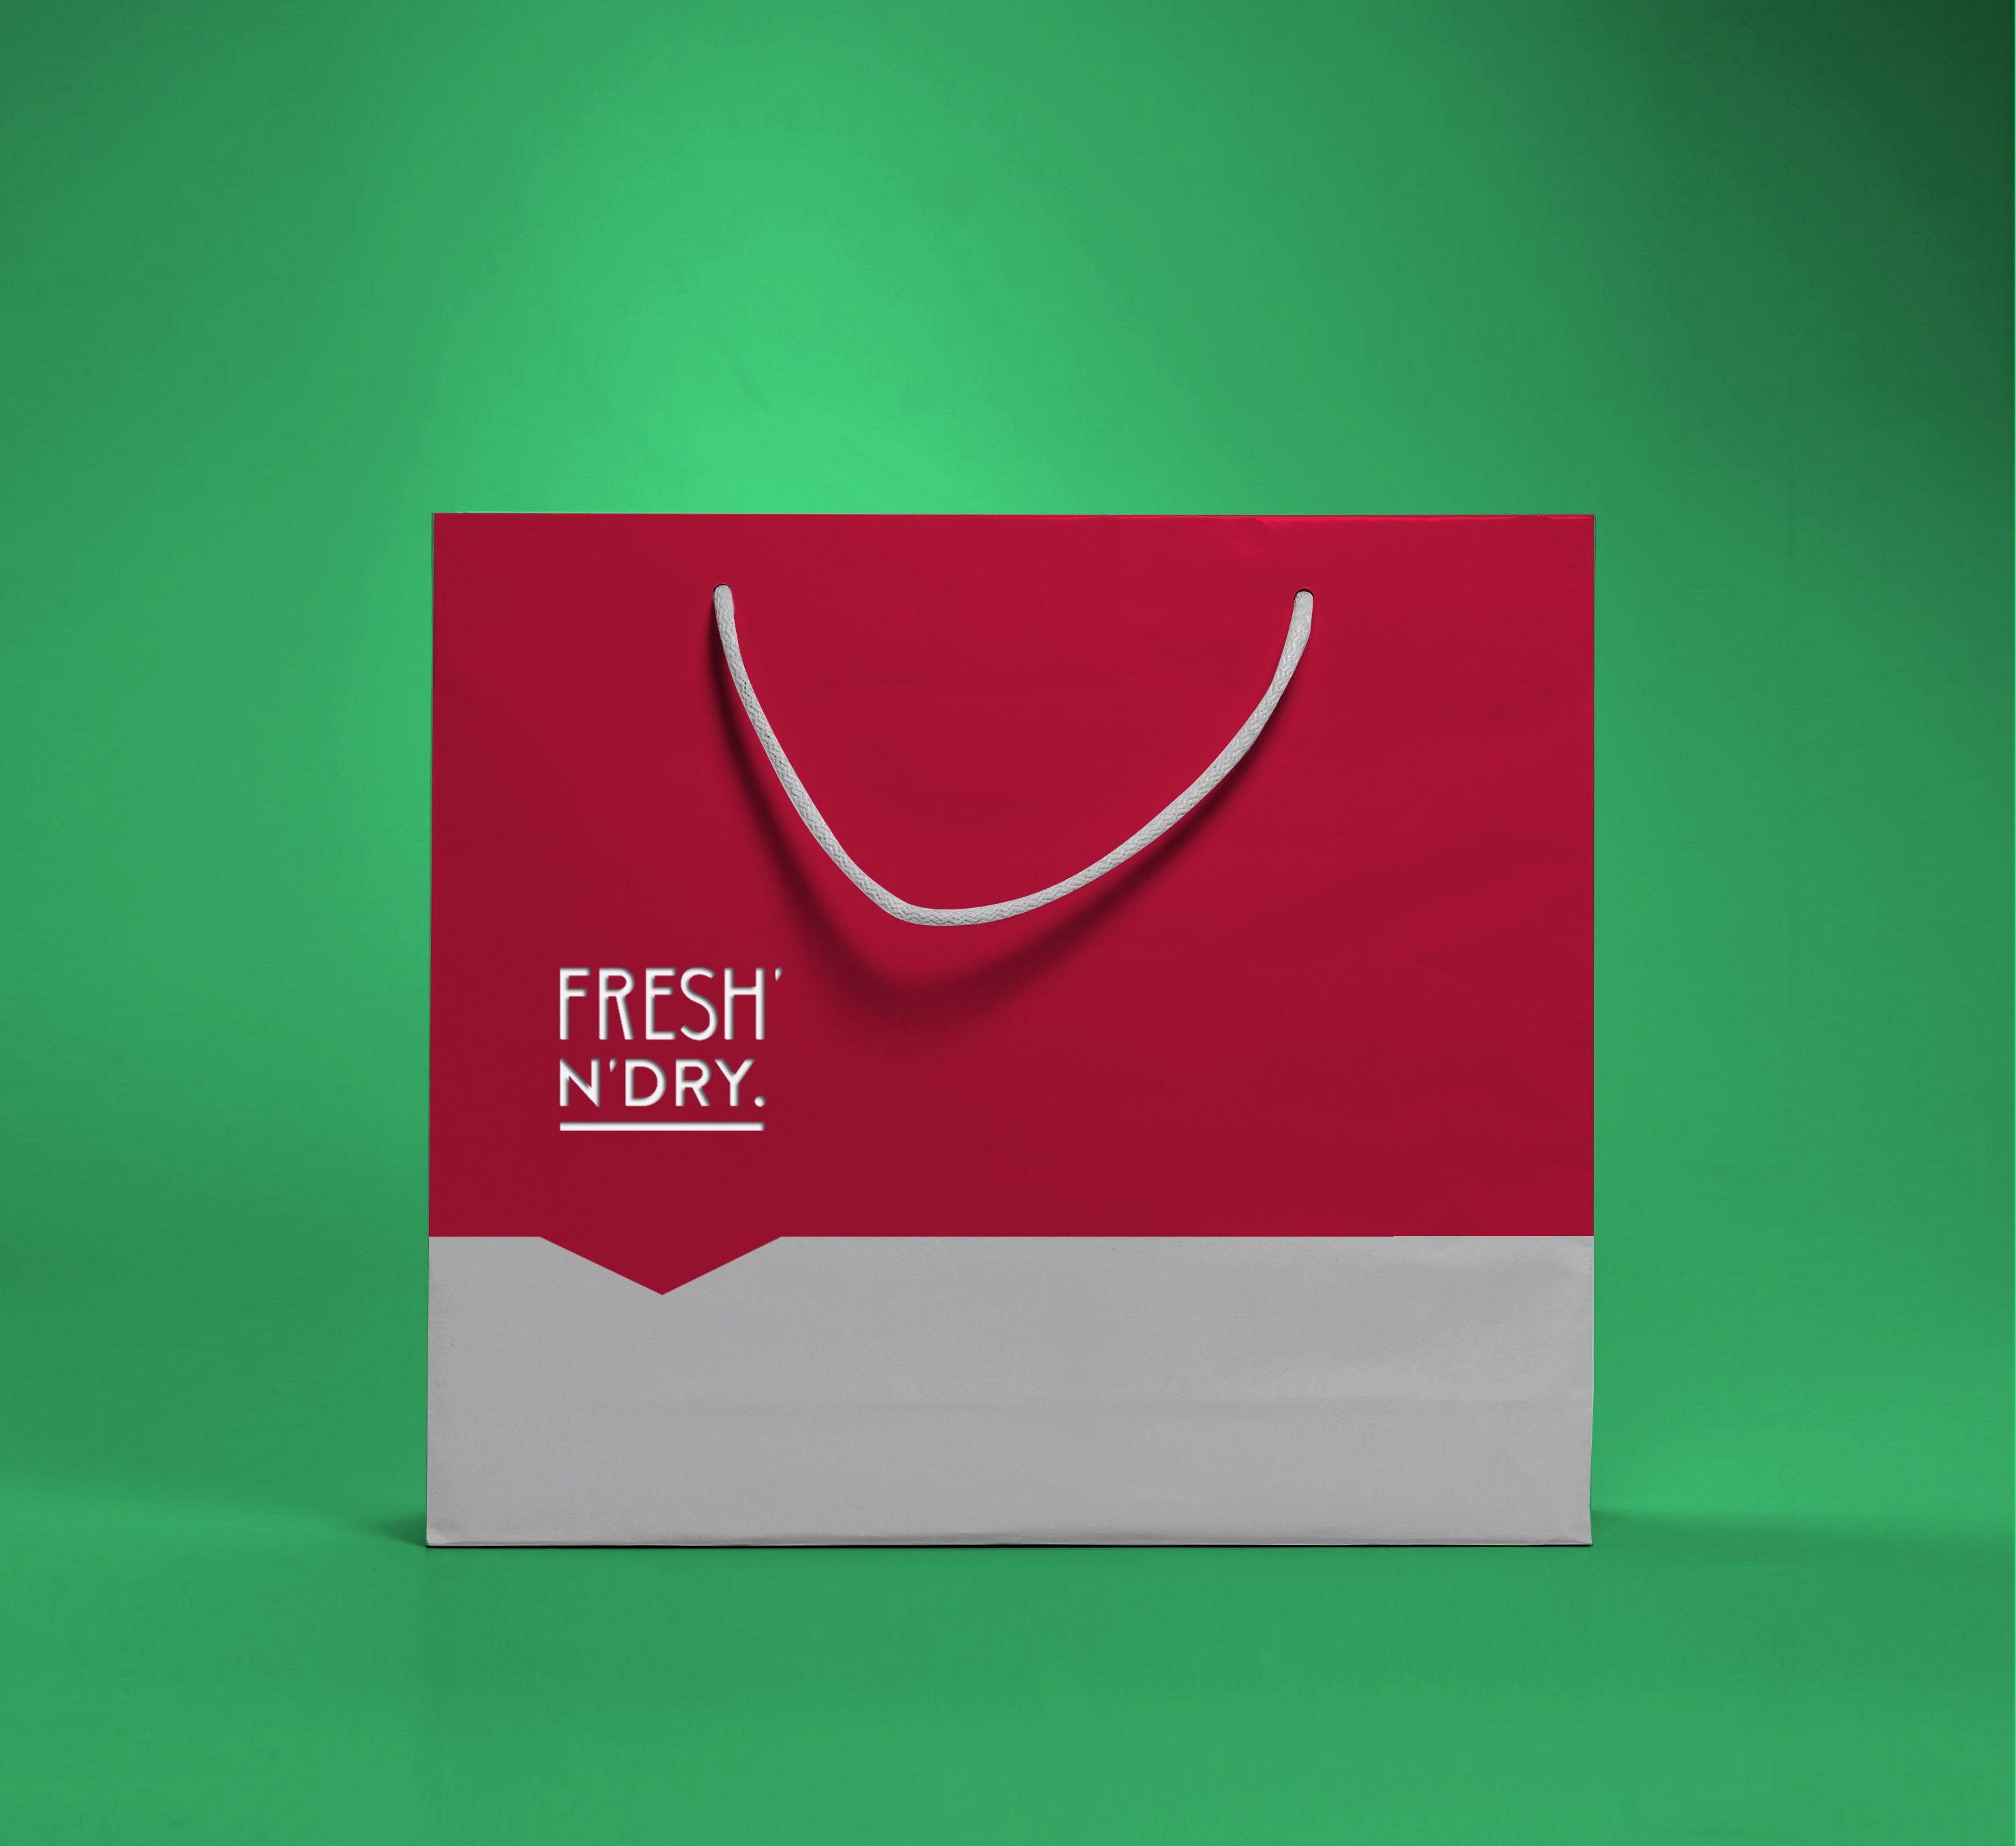 Freshndry_Bag